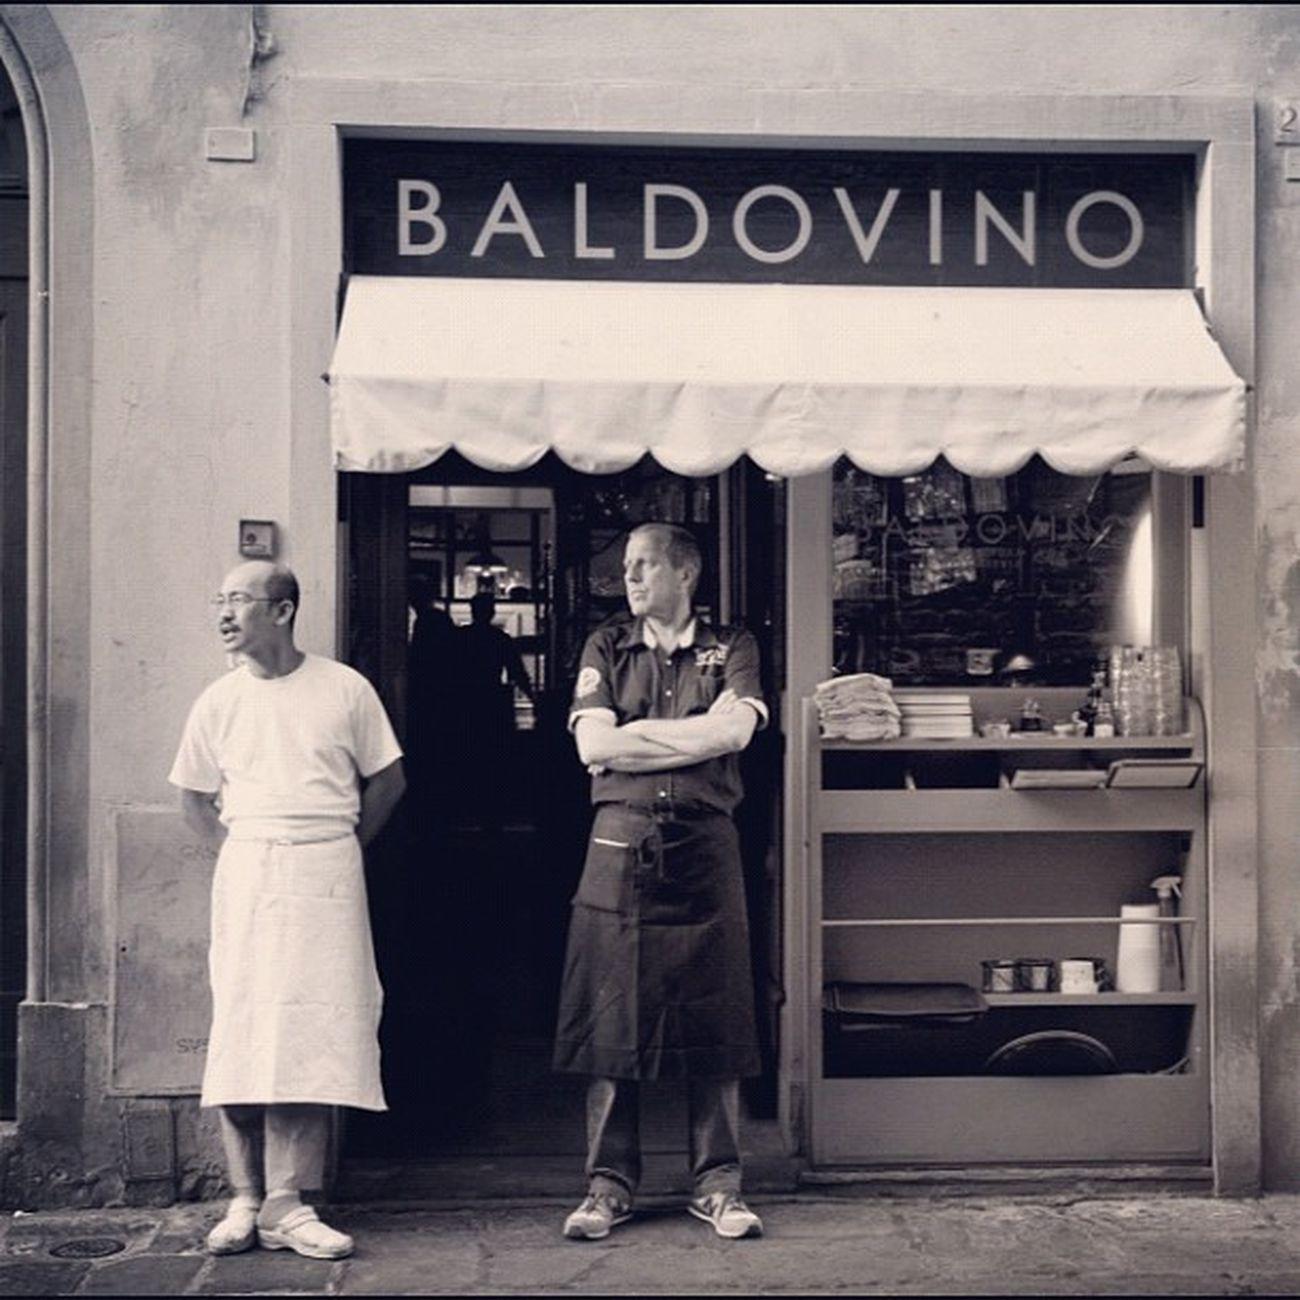 Baldovino Restaurant Italy Florence Firenze Baldovino restaurant